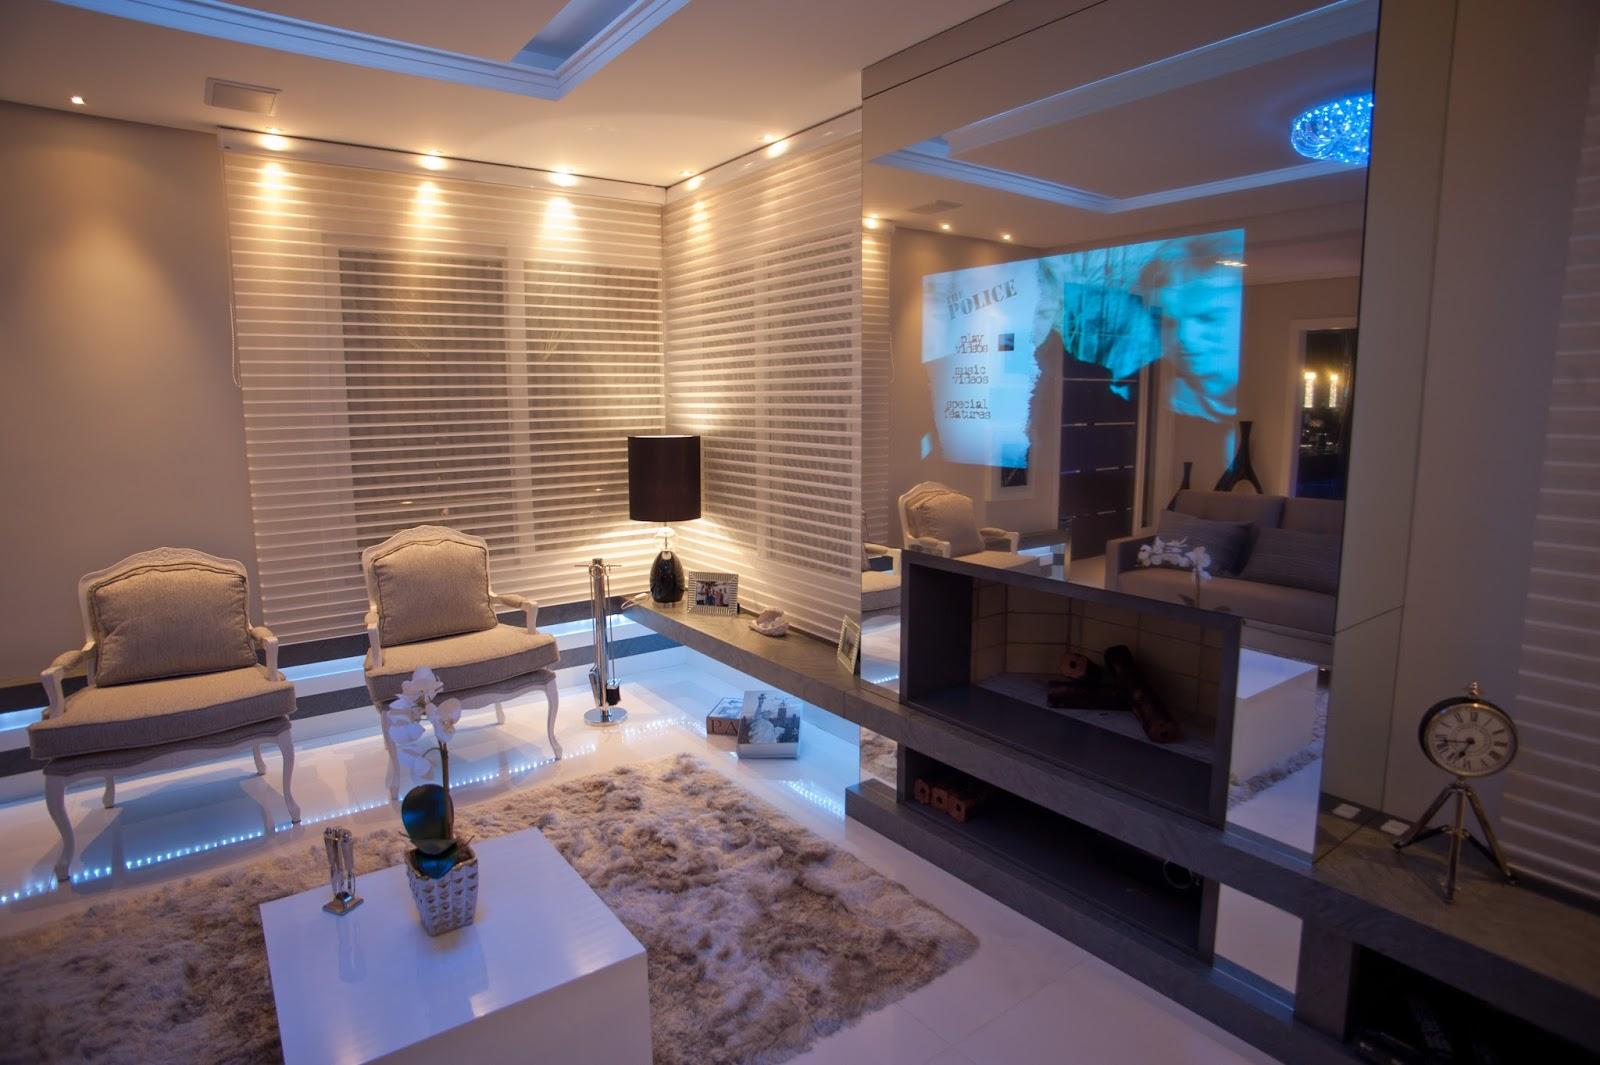 Salas De Luxo Decoradas O Amarelo Combina Com Tons Neutros Como O  -> Salas De Luxo Decoradas